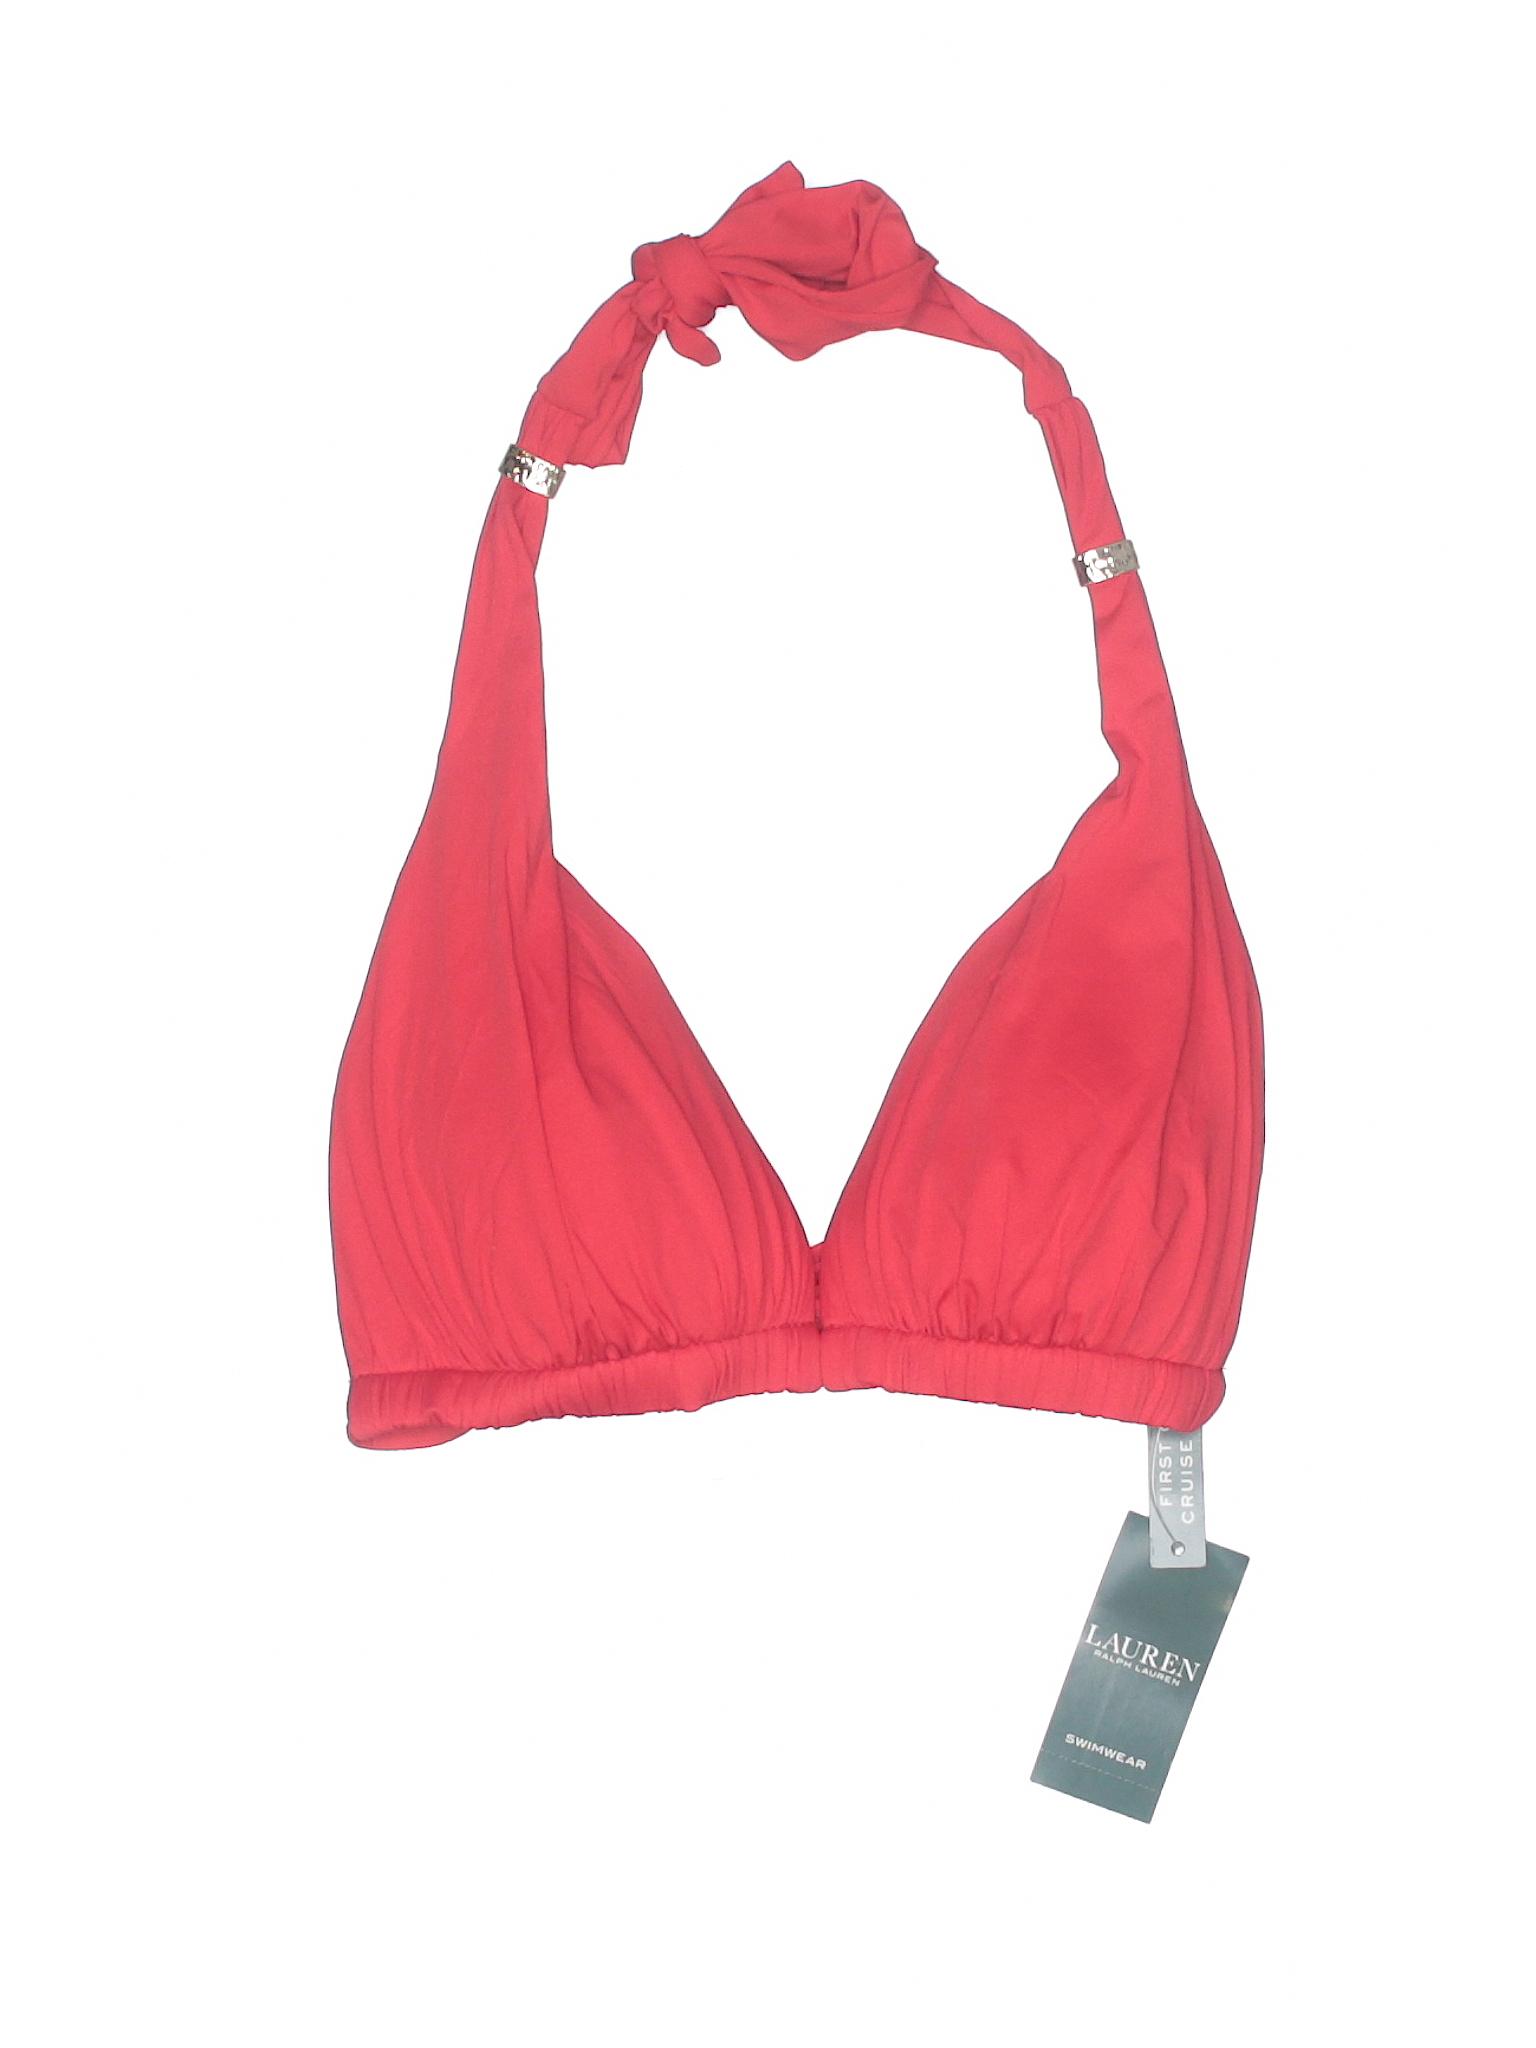 Lauren by Boutique Top Swimsuit Lauren Ralph 5Bw6wSx